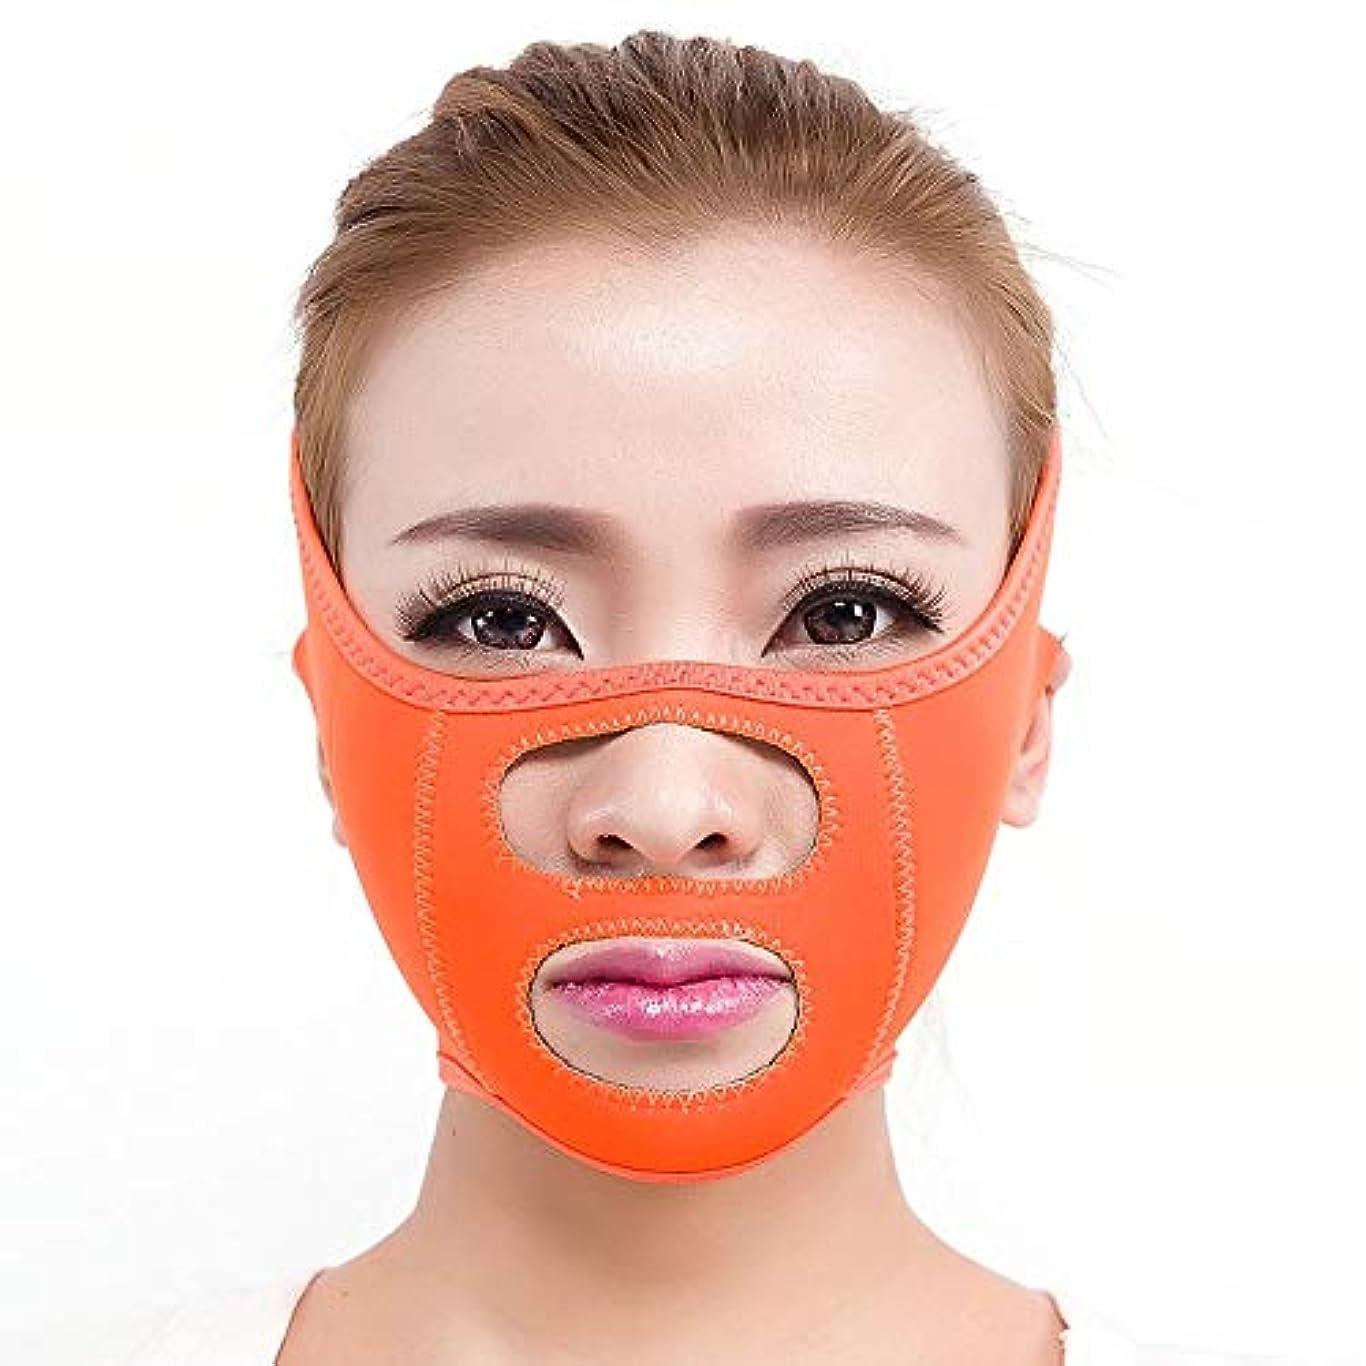 酒背の高いあごGYZ シンフェイスマスクシンフェイス包帯シンフェイスアーティファクトシンフェイスフェイシャルリフティングシンフェイススモールVフェイススリープシンフェイスベルト Thin Face Belt (Color : A)